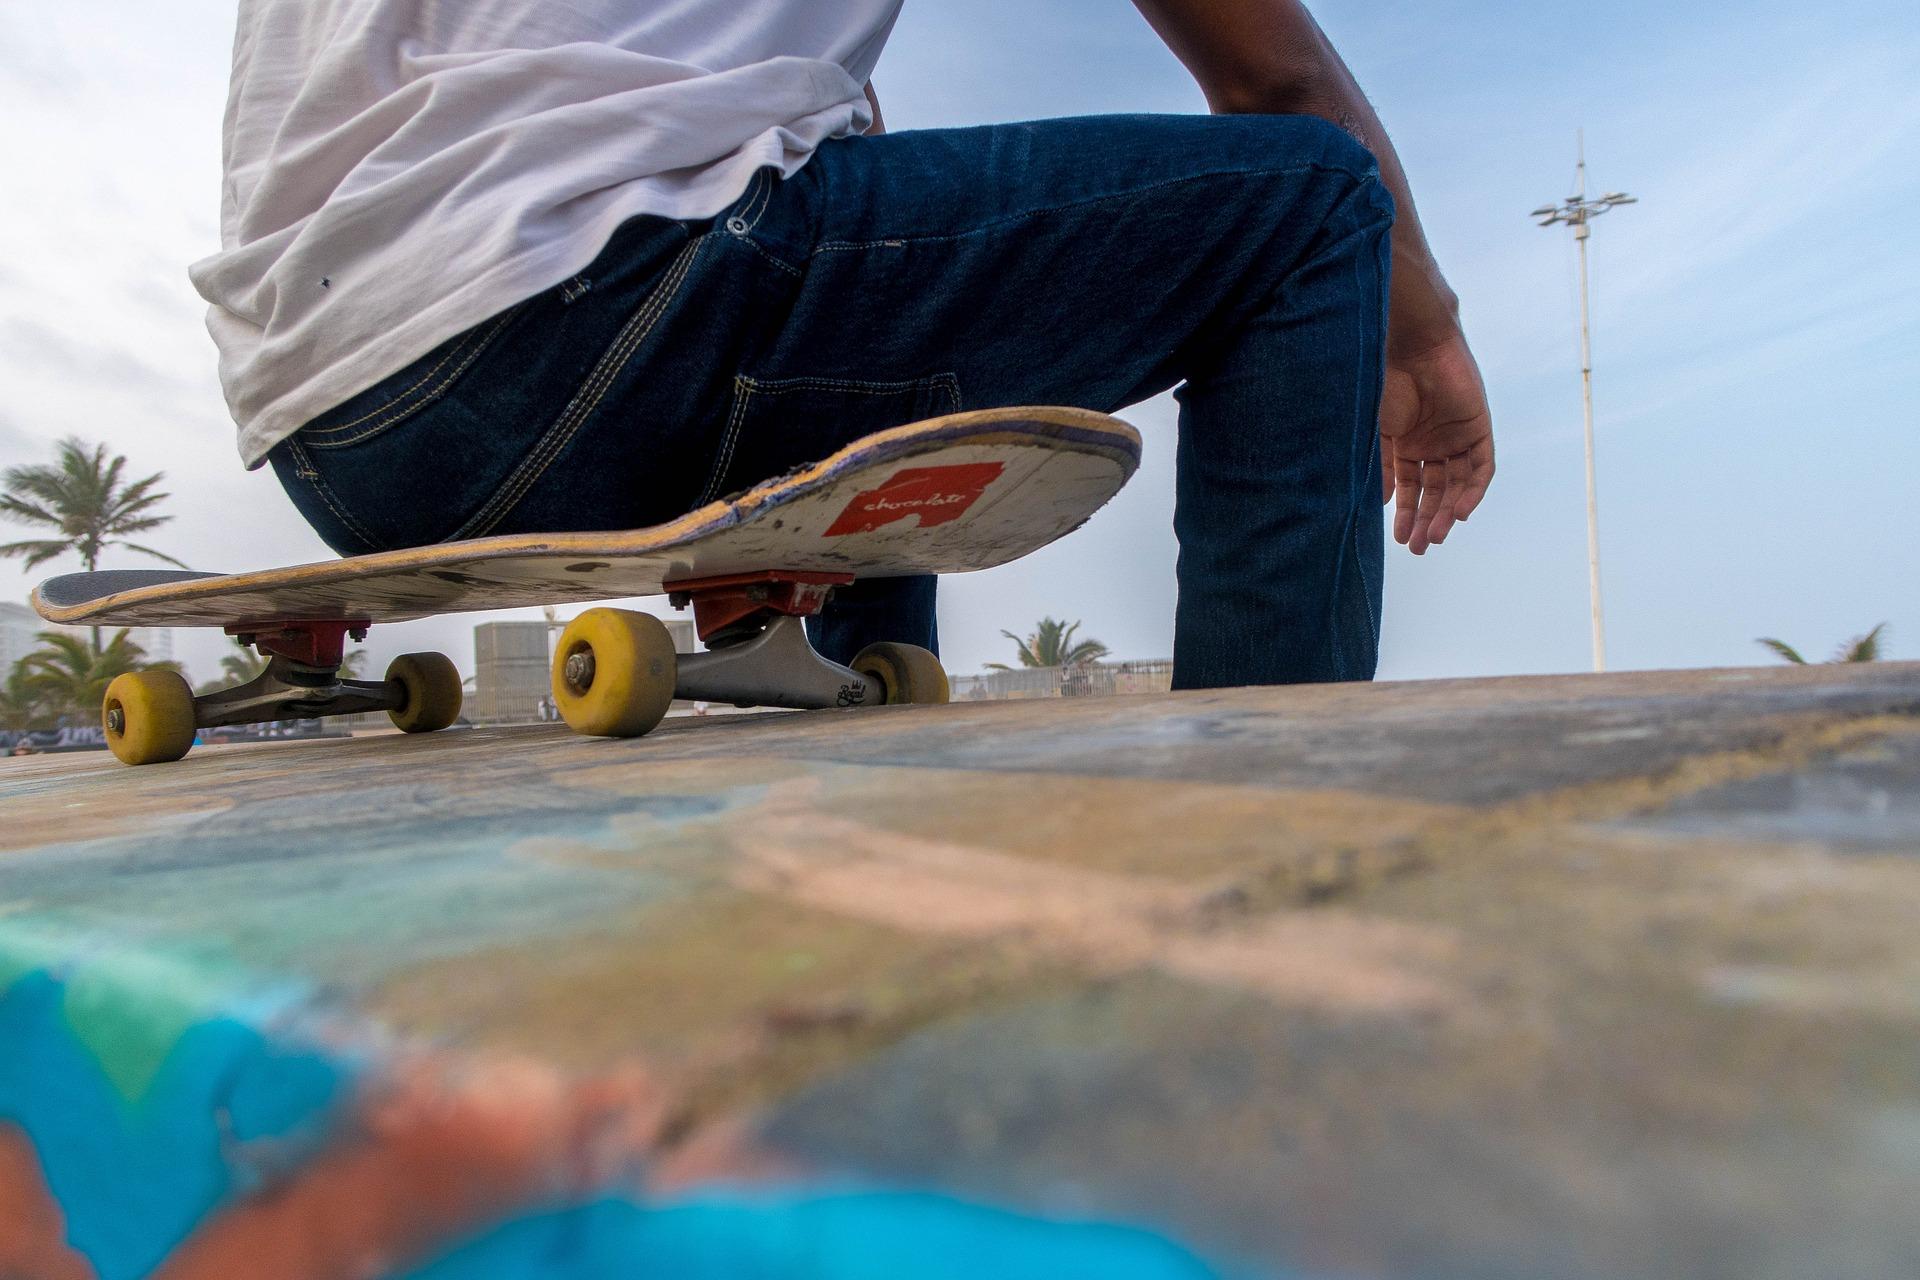 Se retoman las clases de        Skate en la Garita de Arrieta